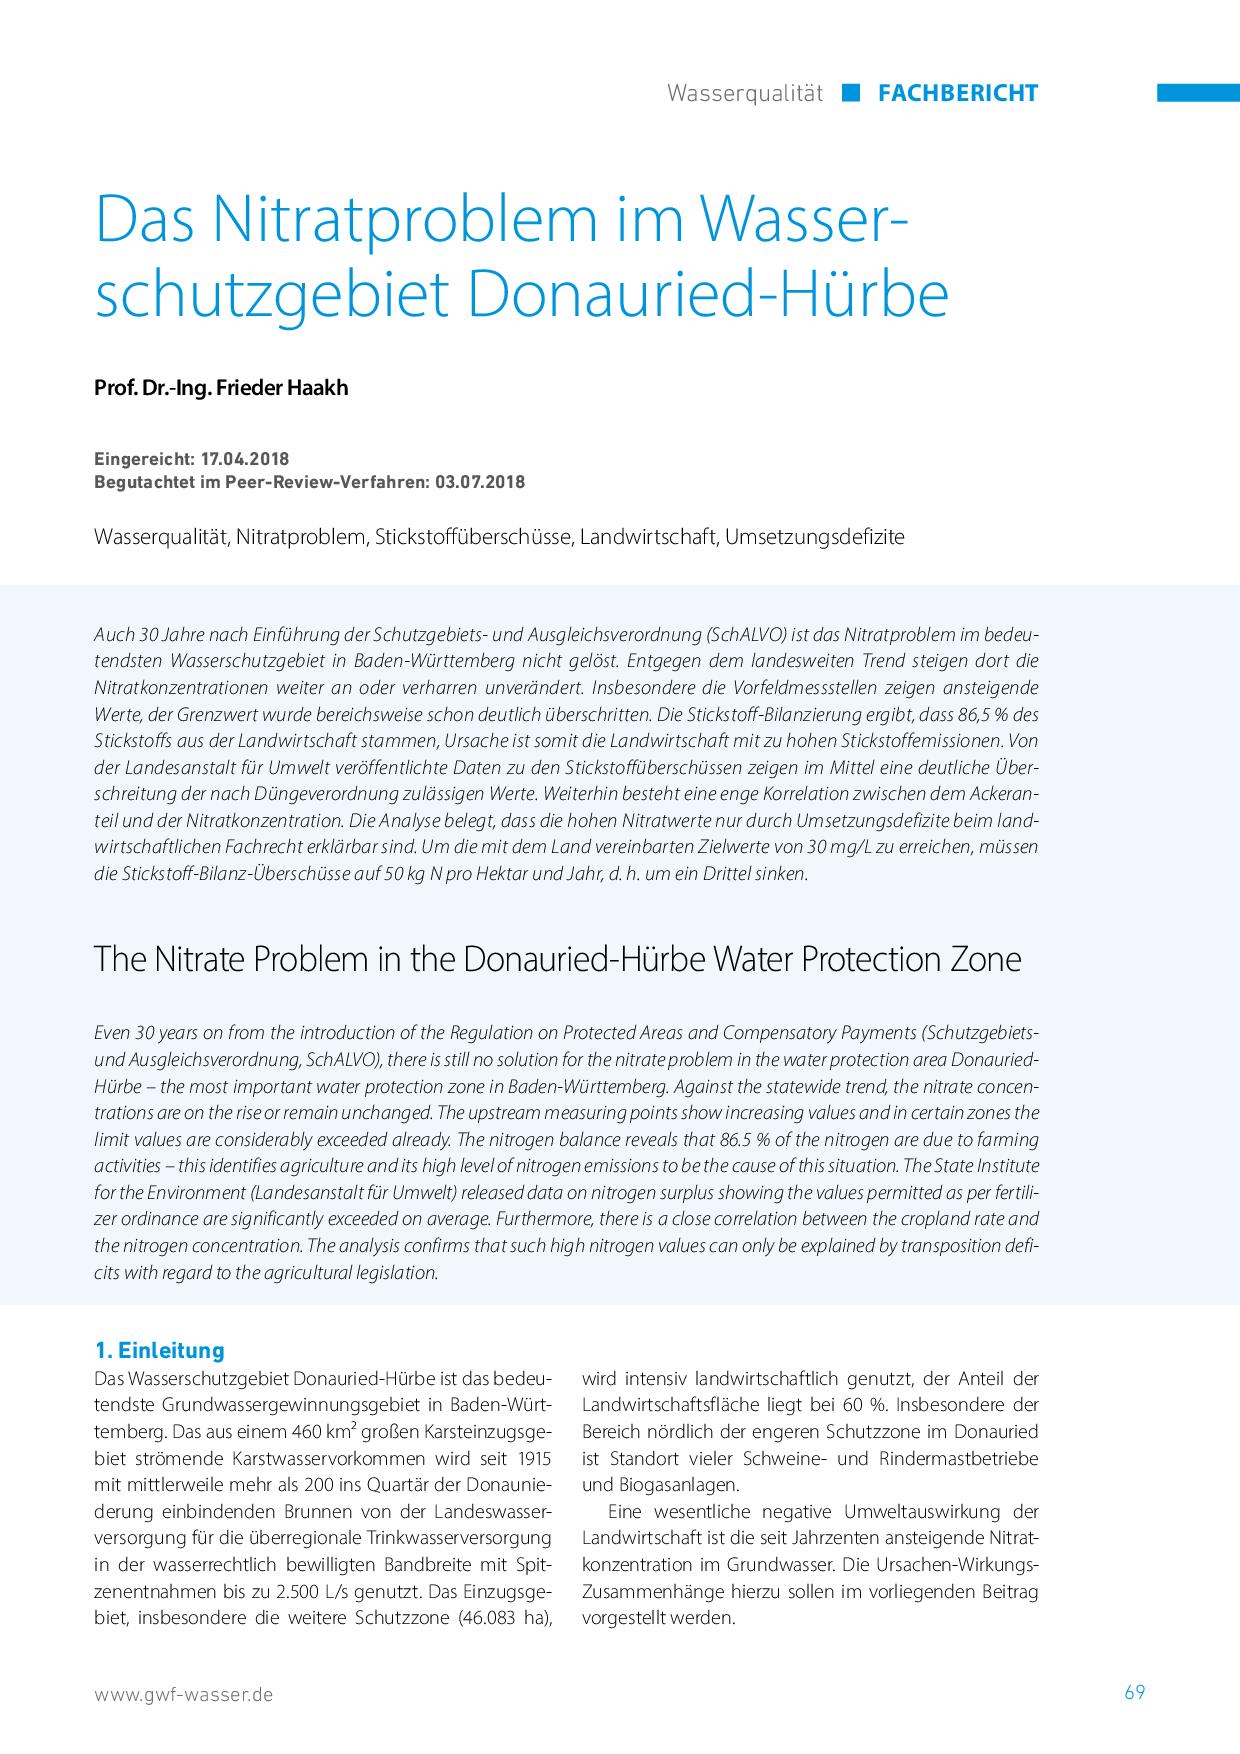 Das Nitratproblem im Wasserschutzgebiet Donauried-Hürbe